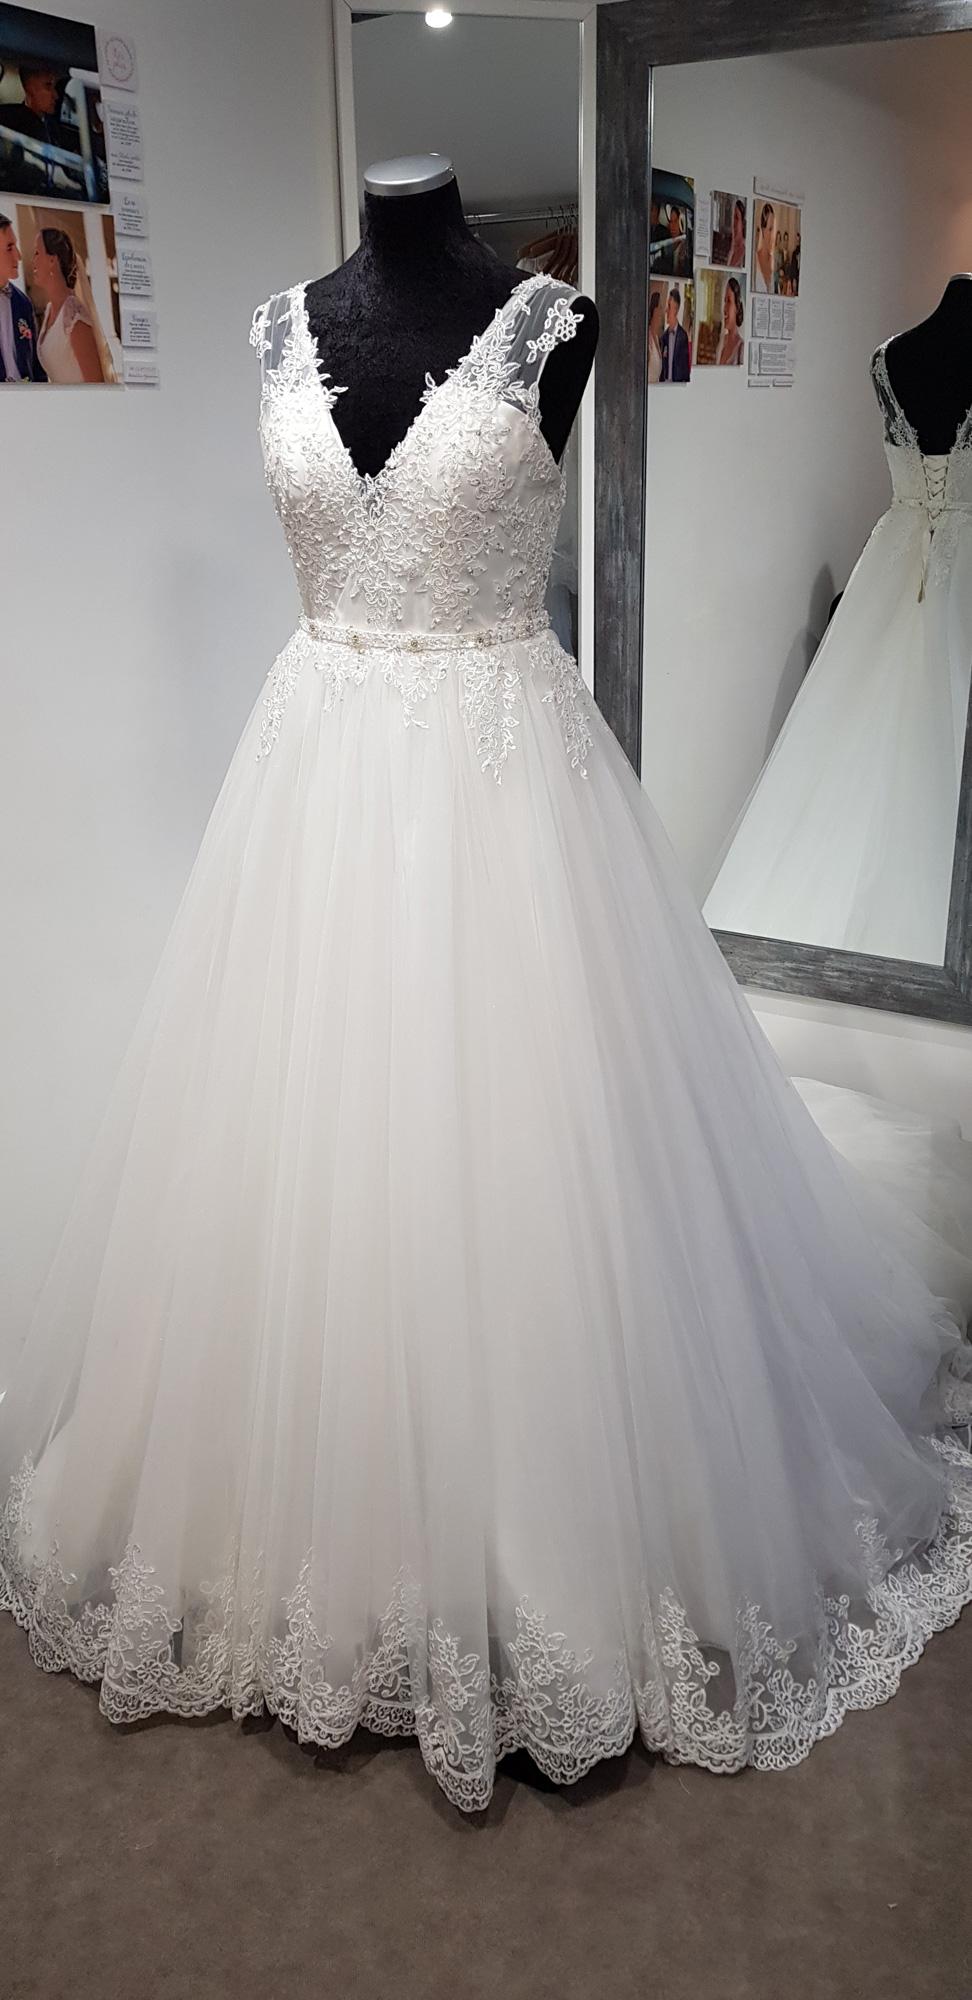 Robe de mariée Princesse – Couture \u0026